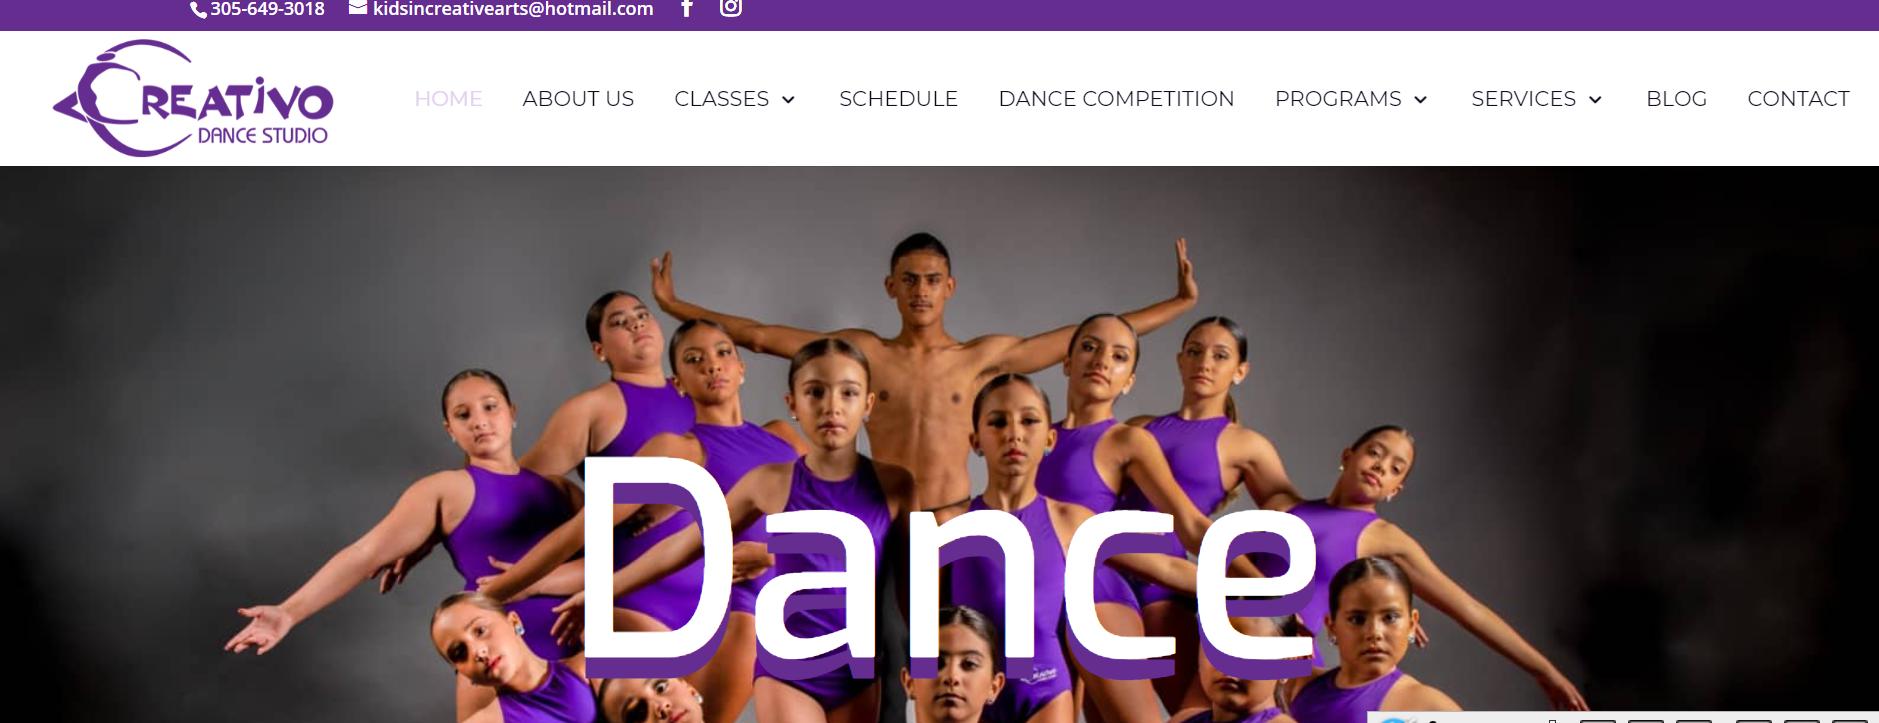 Creativo Dance Studio in Miami